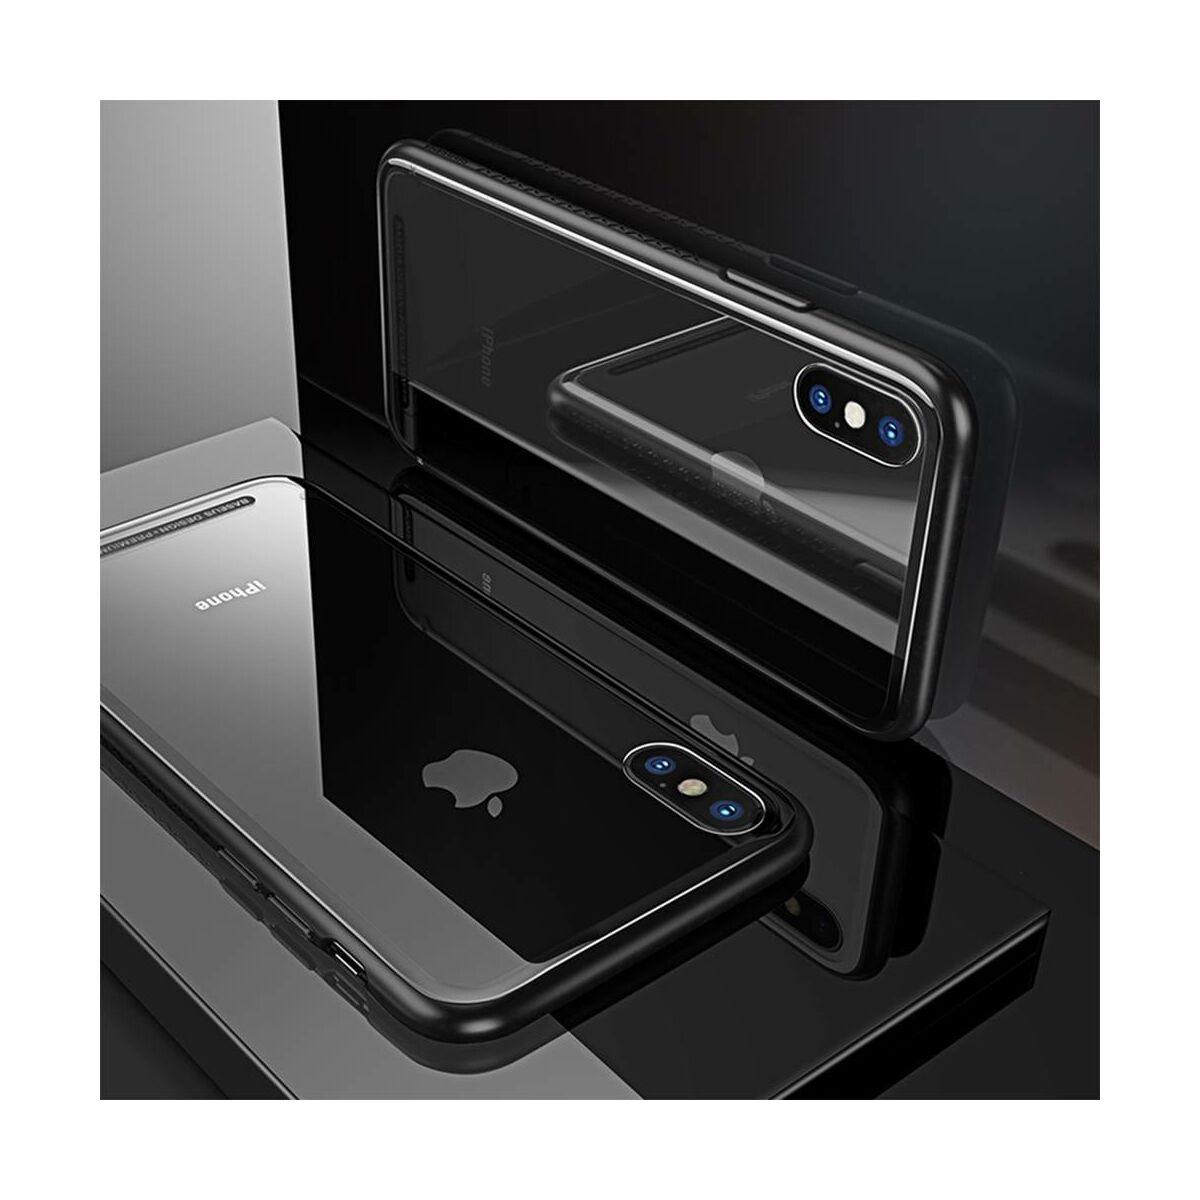 Baseus iPhone X/XS tok, átlátszó, oldalkerettel, fekete (WIAPIPHX-YS01)